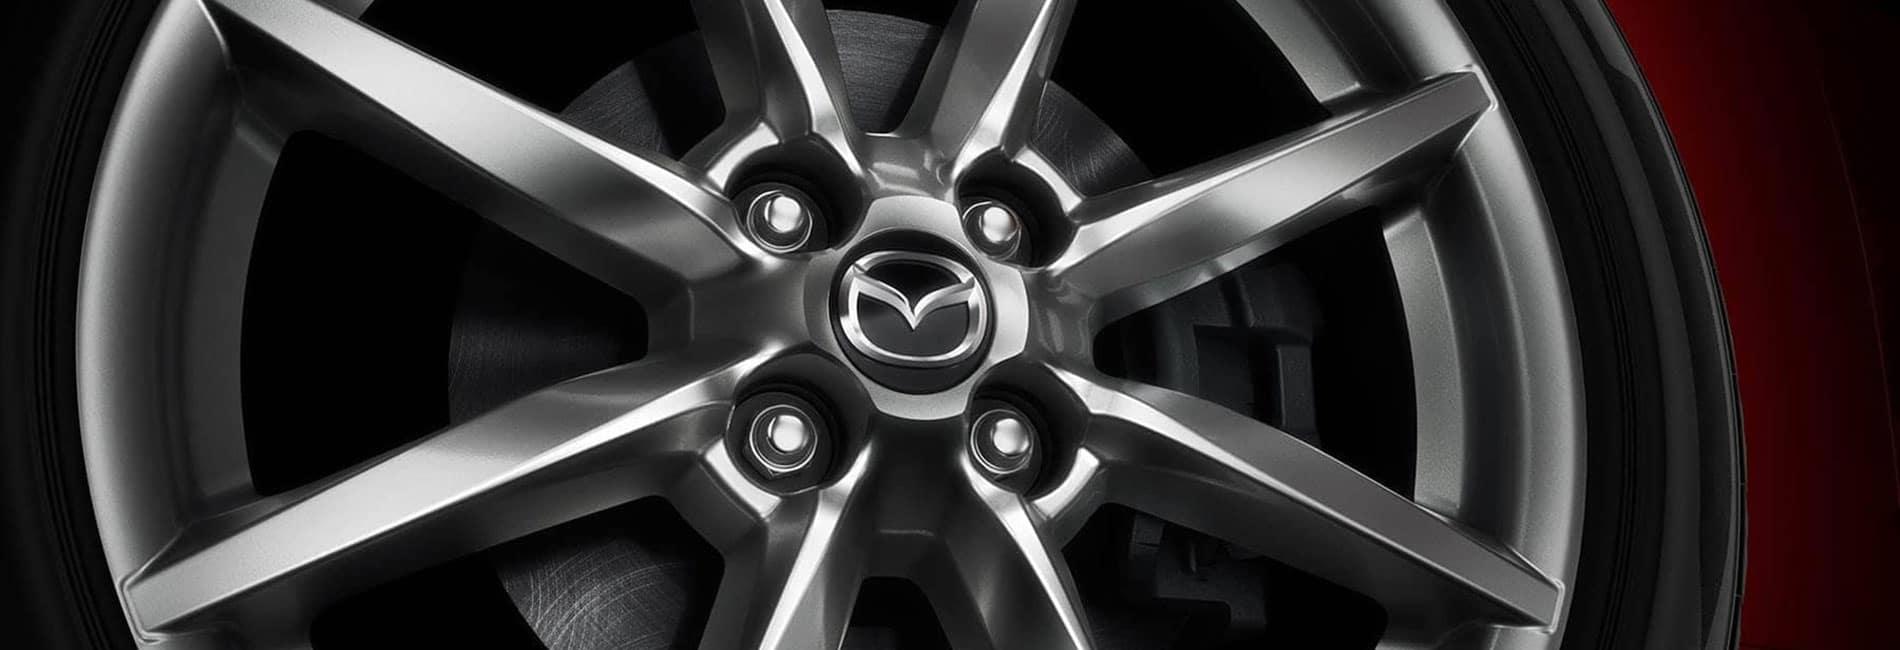 Mazda-X-5-Miata-Wheel